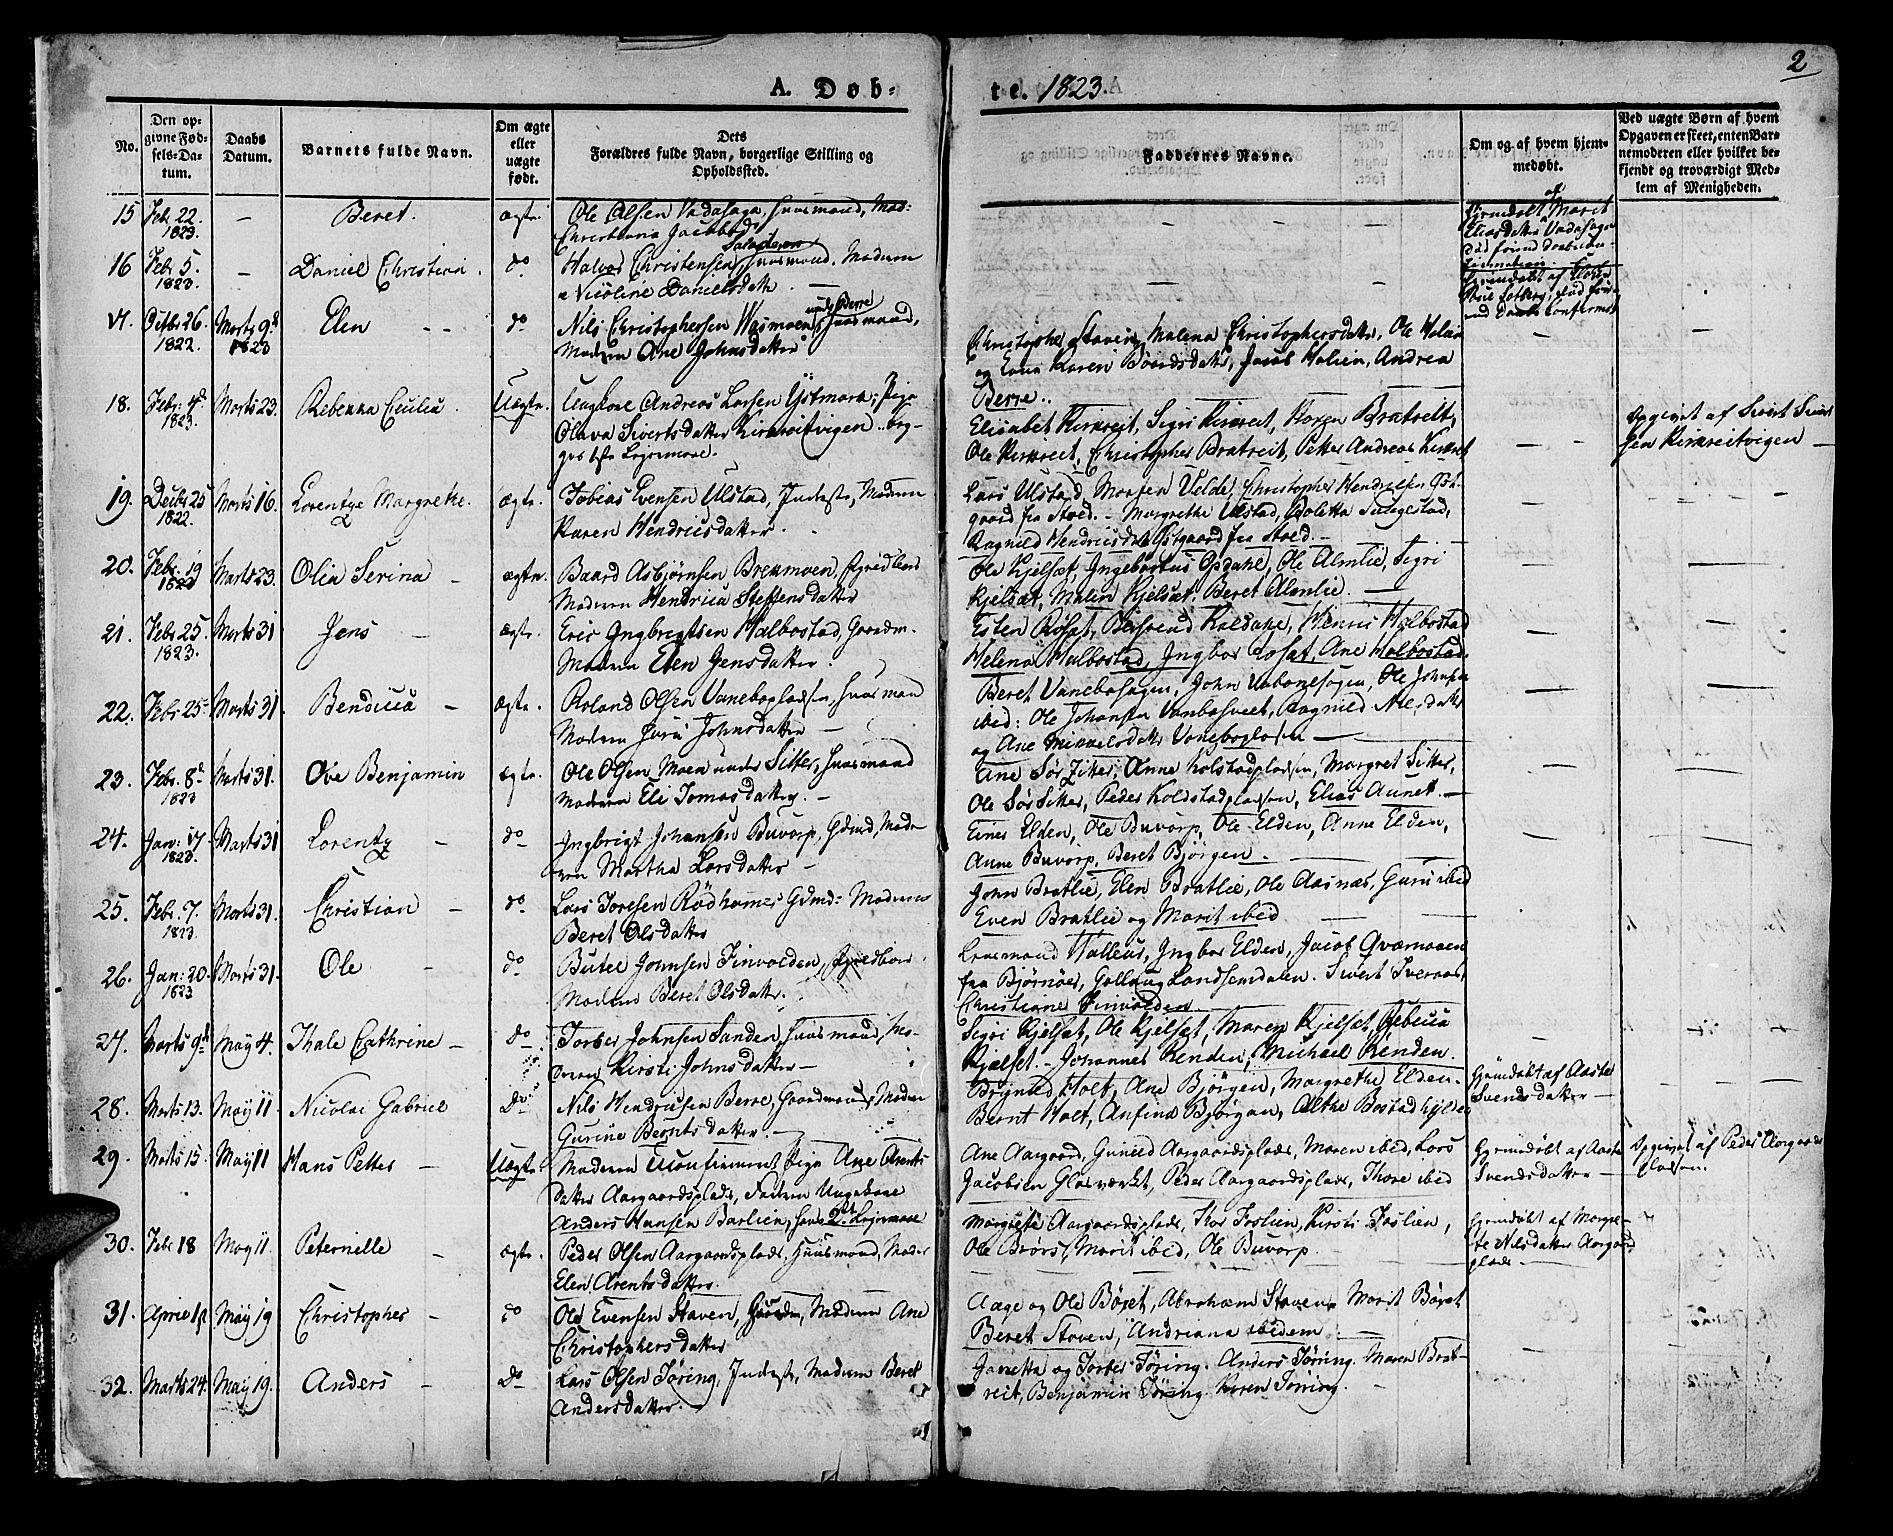 SAT, Ministerialprotokoller, klokkerbøker og fødselsregistre - Nord-Trøndelag, 741/L0390: Ministerialbok nr. 741A04, 1822-1836, s. 2